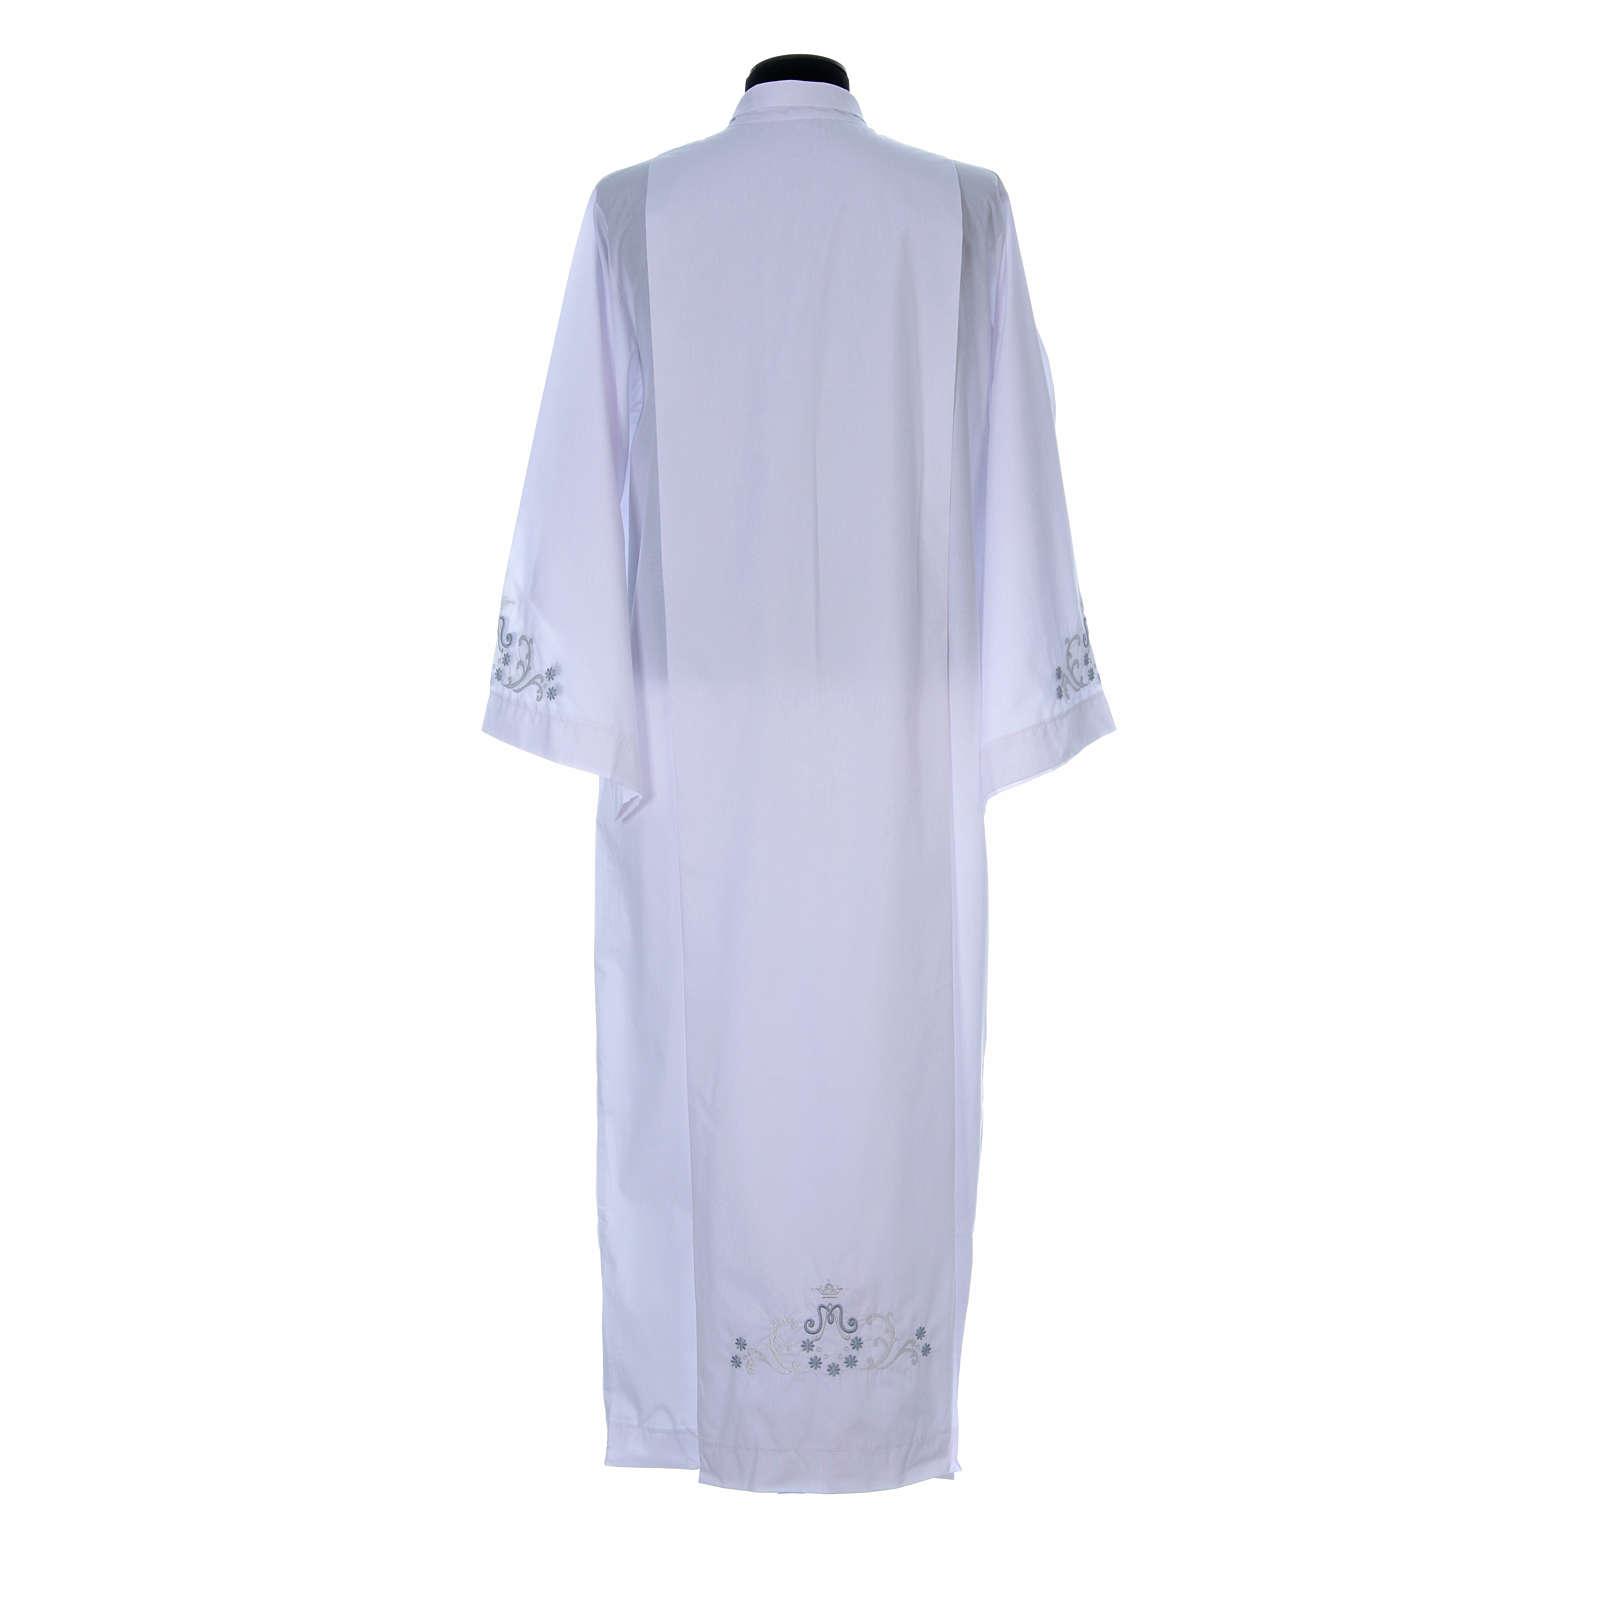 Camice con ricamo mariano davanti dietro manica misto cotone 4